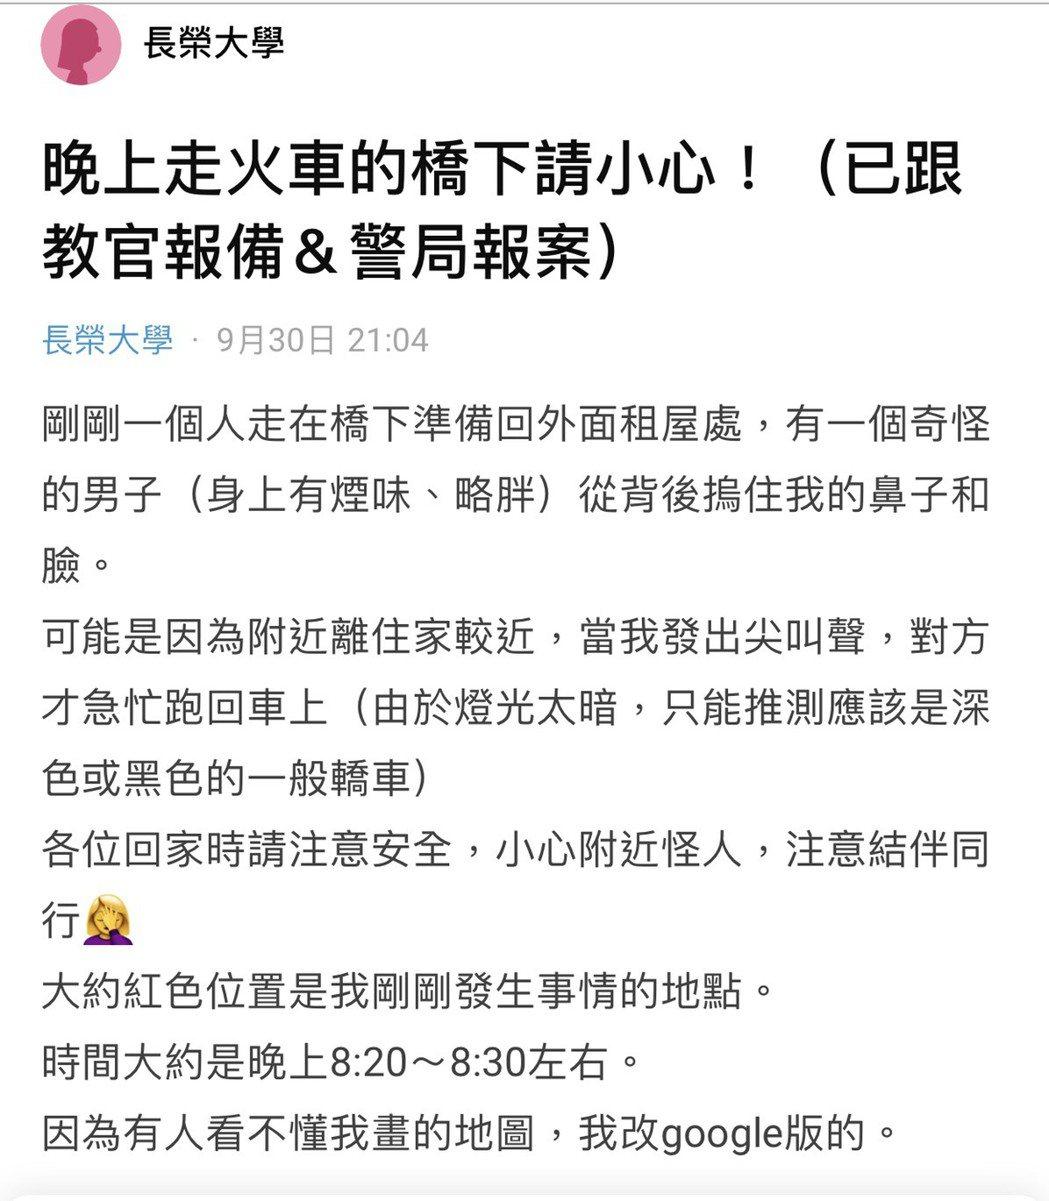 長榮大學外籍女生遭擄殺,梁姓嫌犯上月涉擄另一女生未遂。記者周宗禎/翻攝